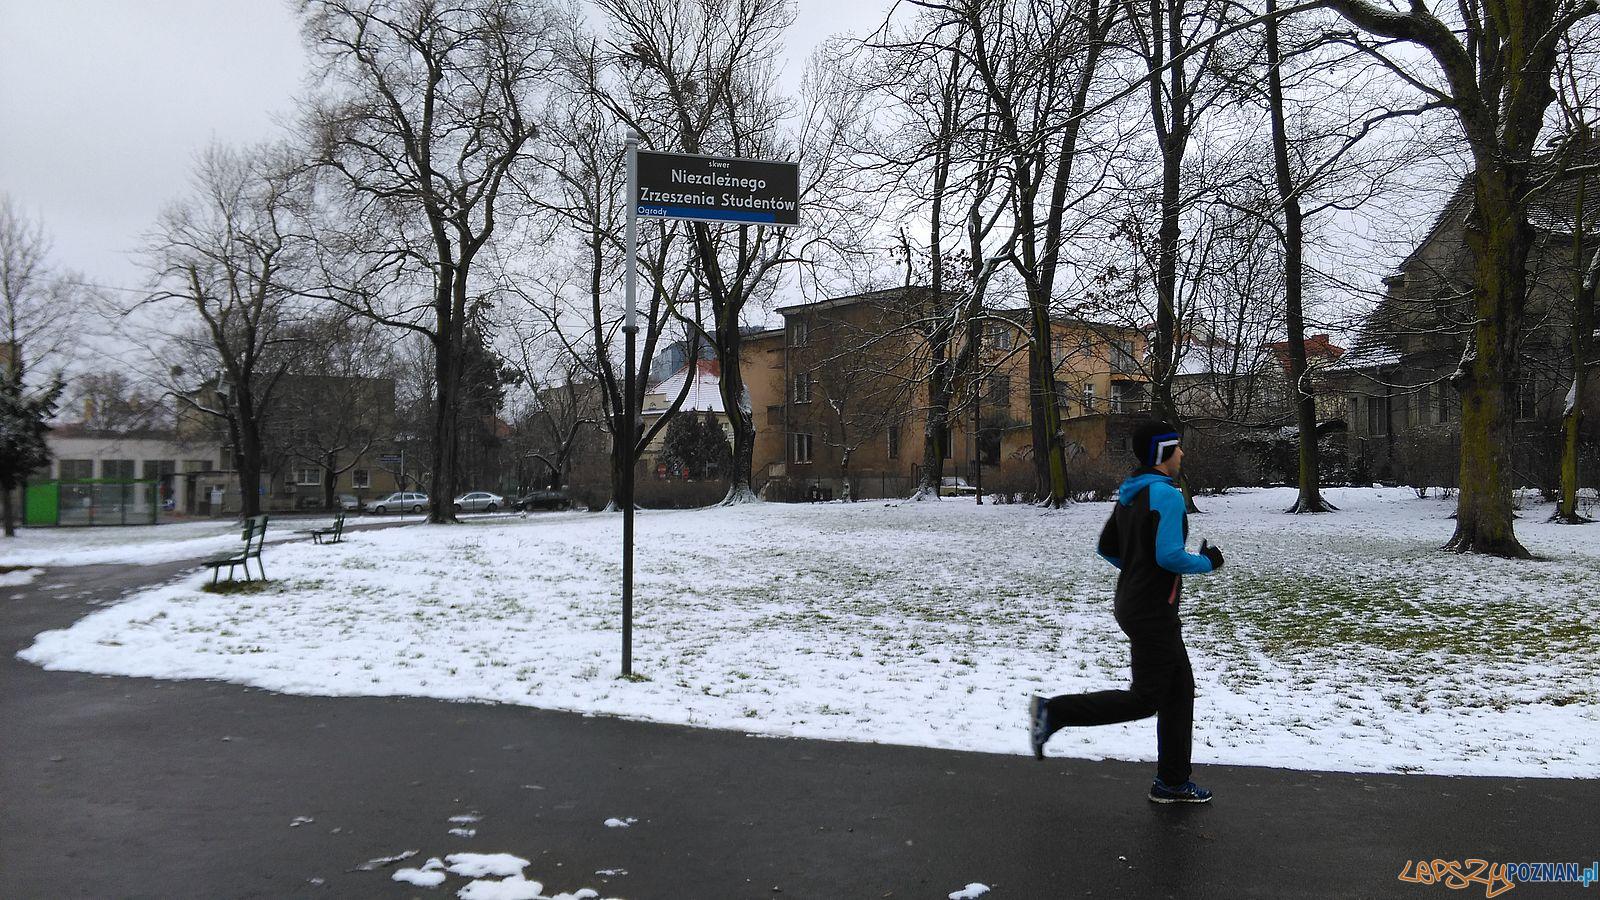 Nowe tablice do wymiany - przez błąd  Foto: Rada Osiedla Stare Miasto / Tomasz Dworek